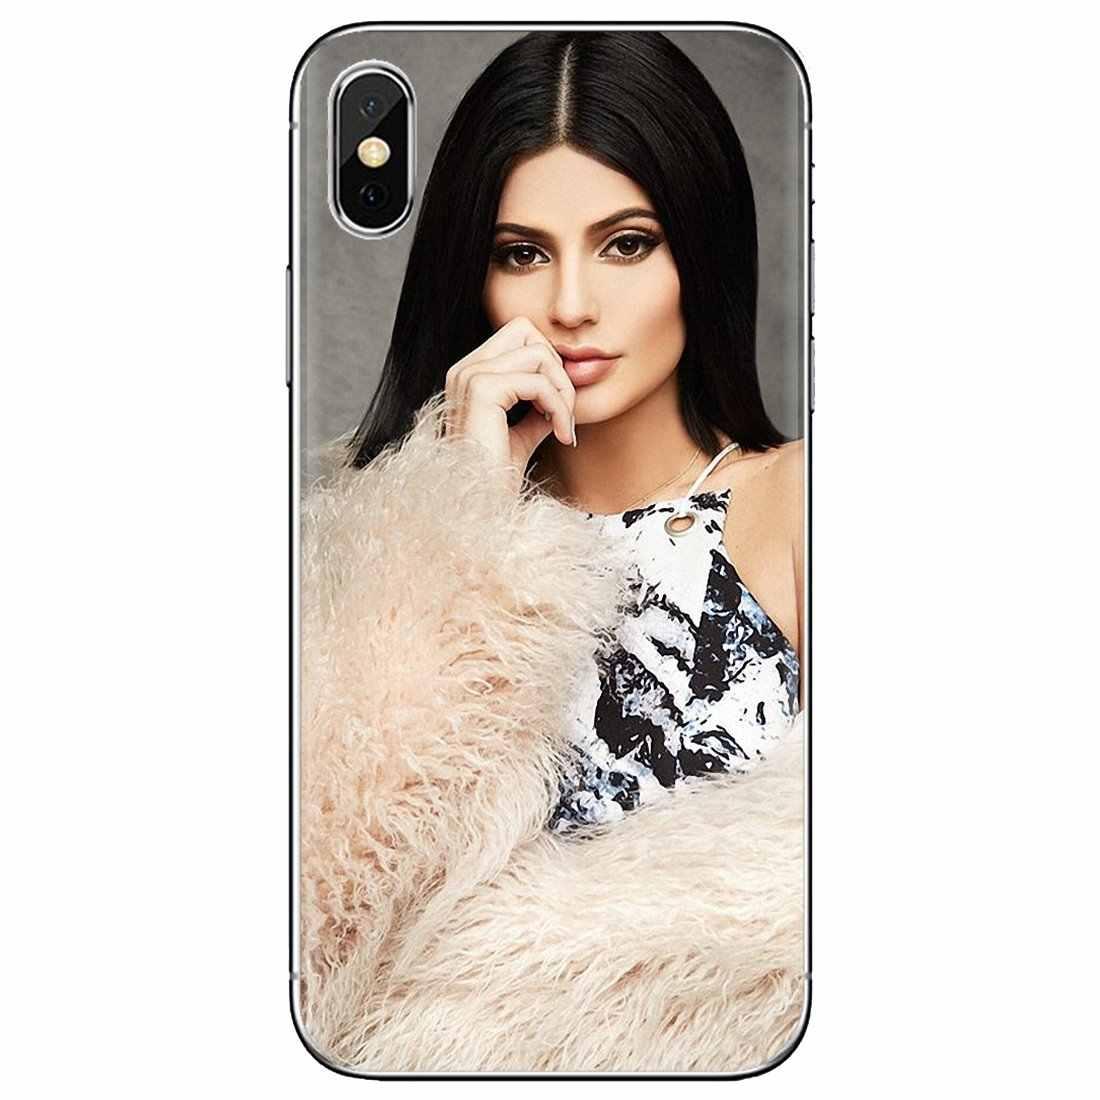 Samsung Galaxy not 2 3 4 5 8 9 S2 S3 S4 S5 Mini S6 S7 kenar S8 S9 artı yumuşak kılıf konut Kylie Jenner yıldız Broke Girls kılavuzu